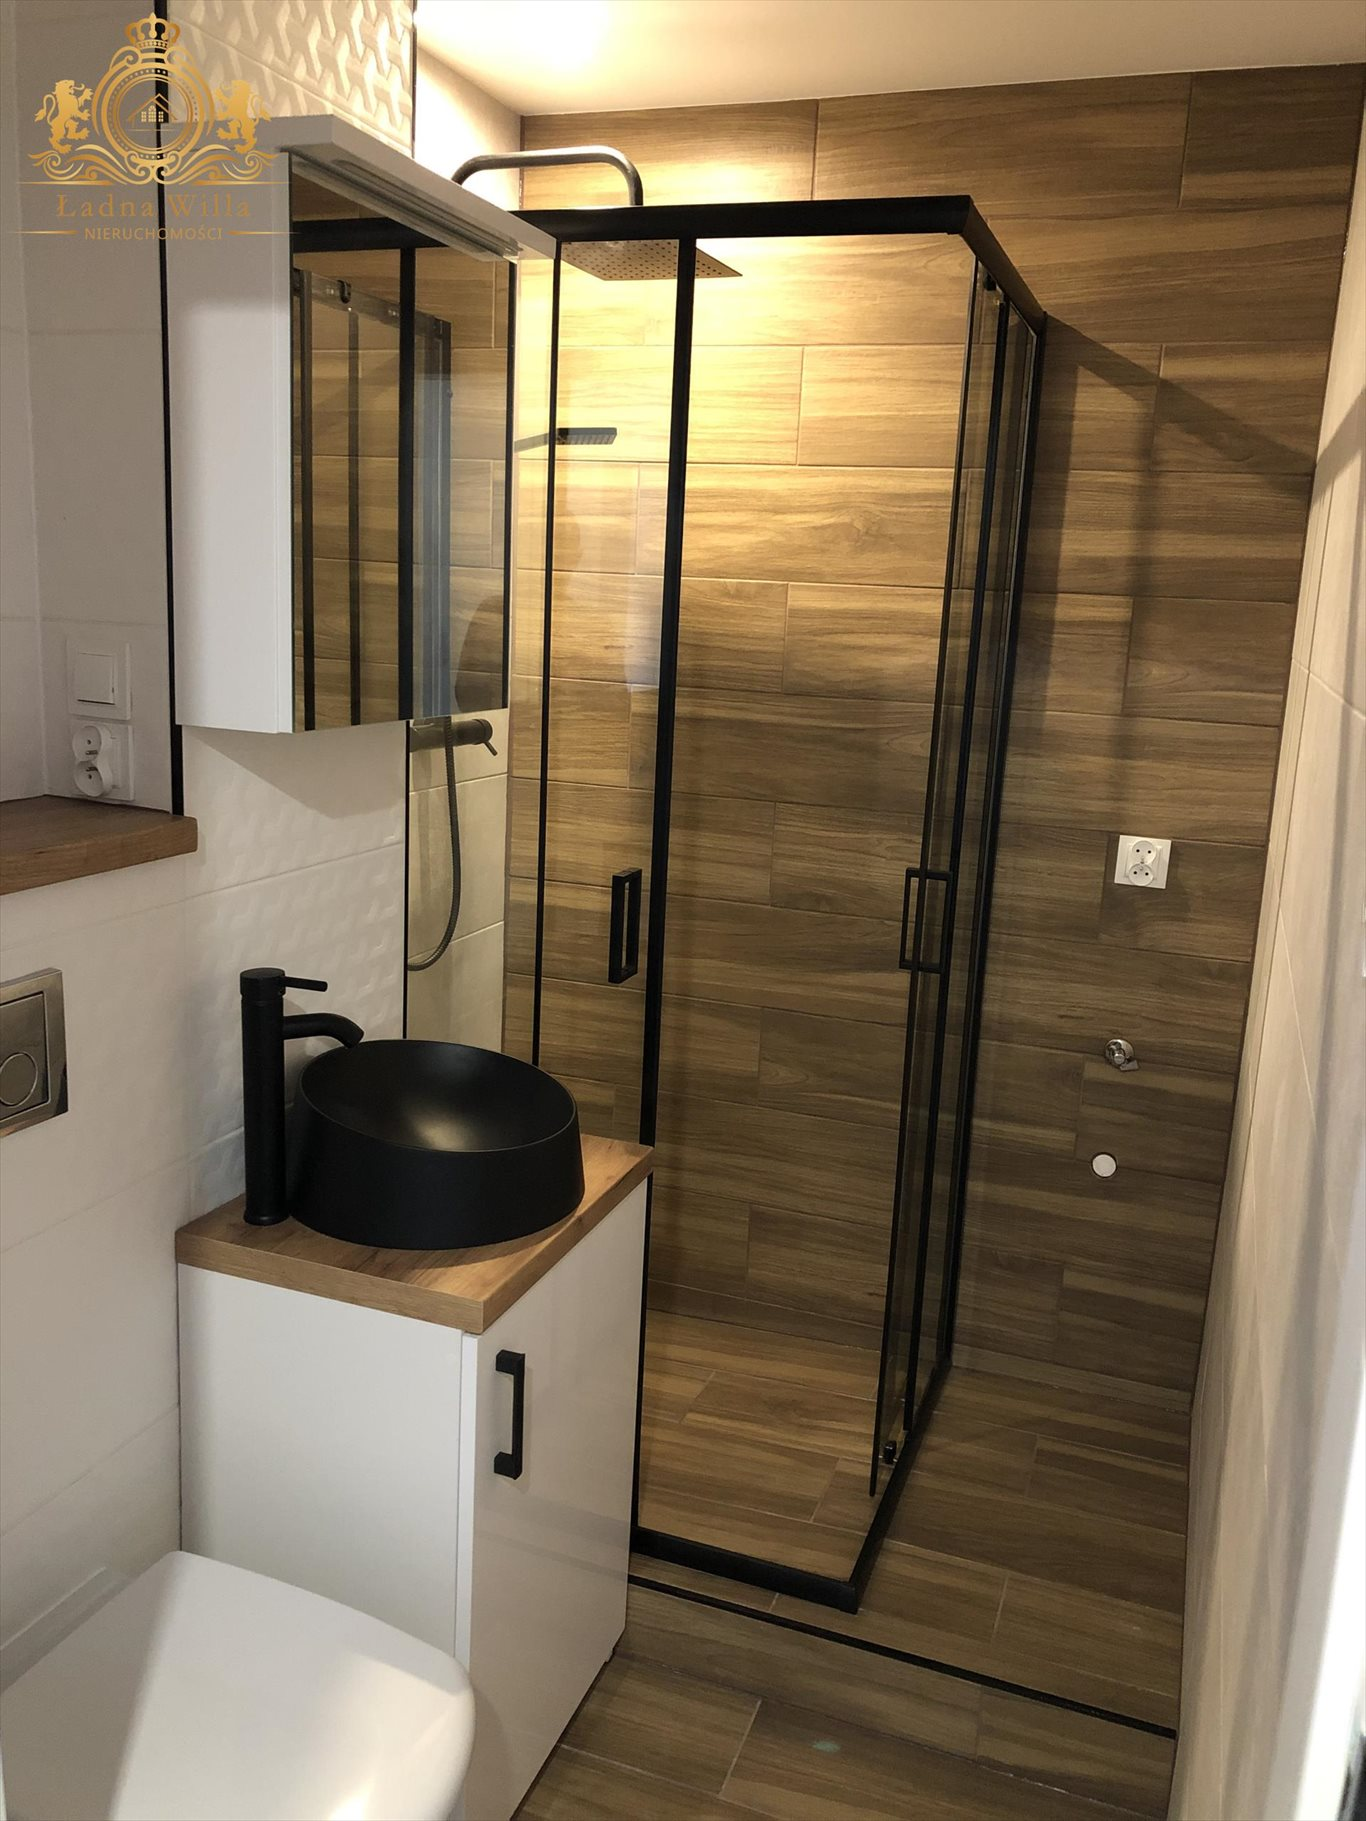 Mieszkanie trzypokojowe na sprzedaż Warszawa, Praga Północ, Siedlecka  37m2 Foto 9